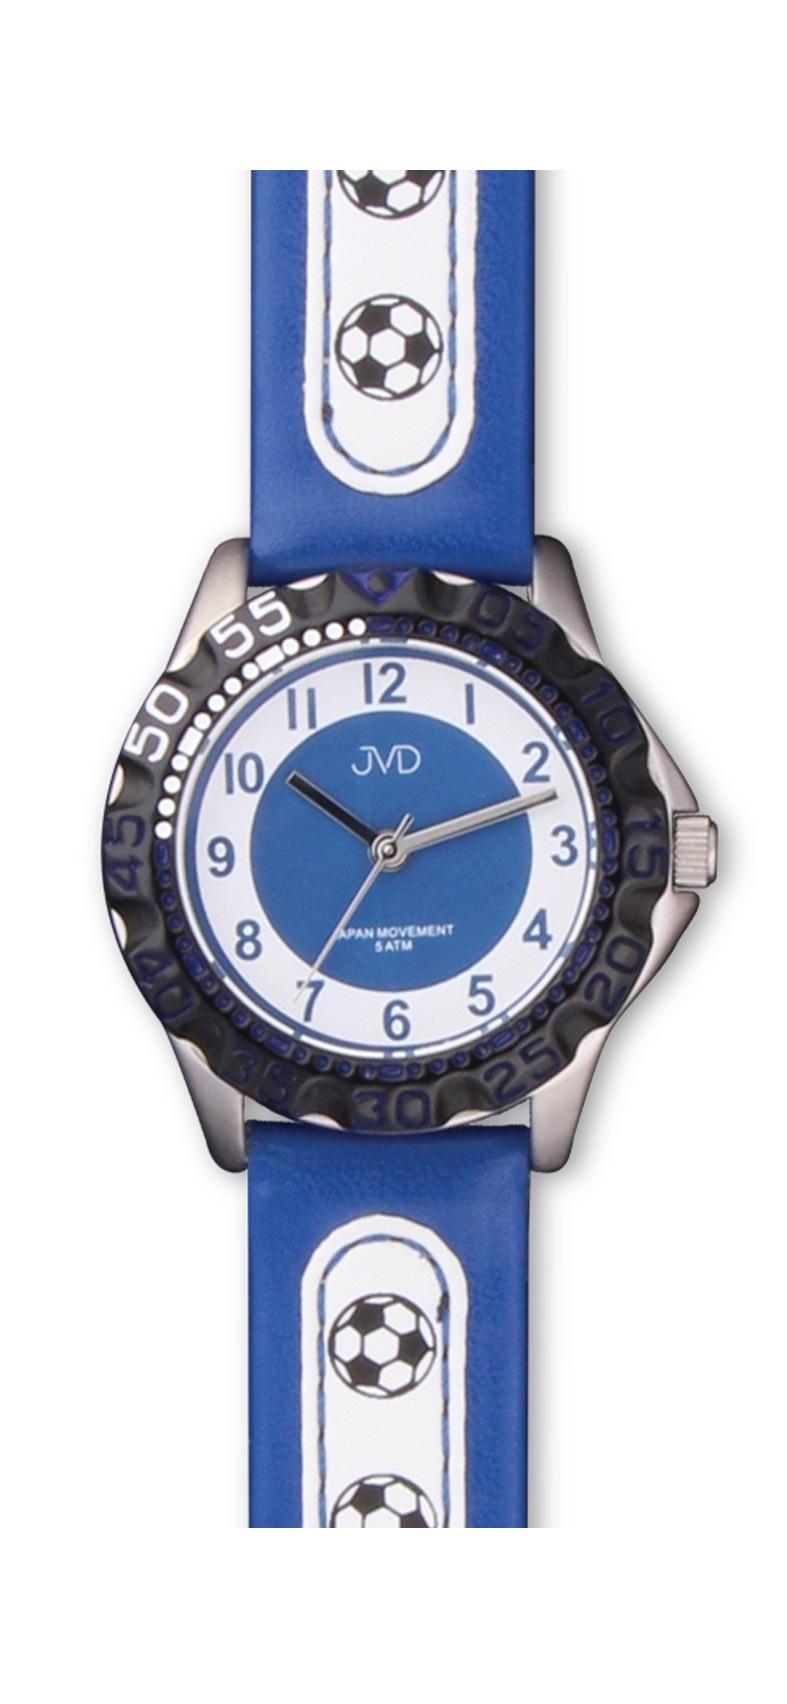 Chlapecké sportovní dětské hodinky JVD basic J7078.1 - fotbalista (pro malé fotbalisty - modré)